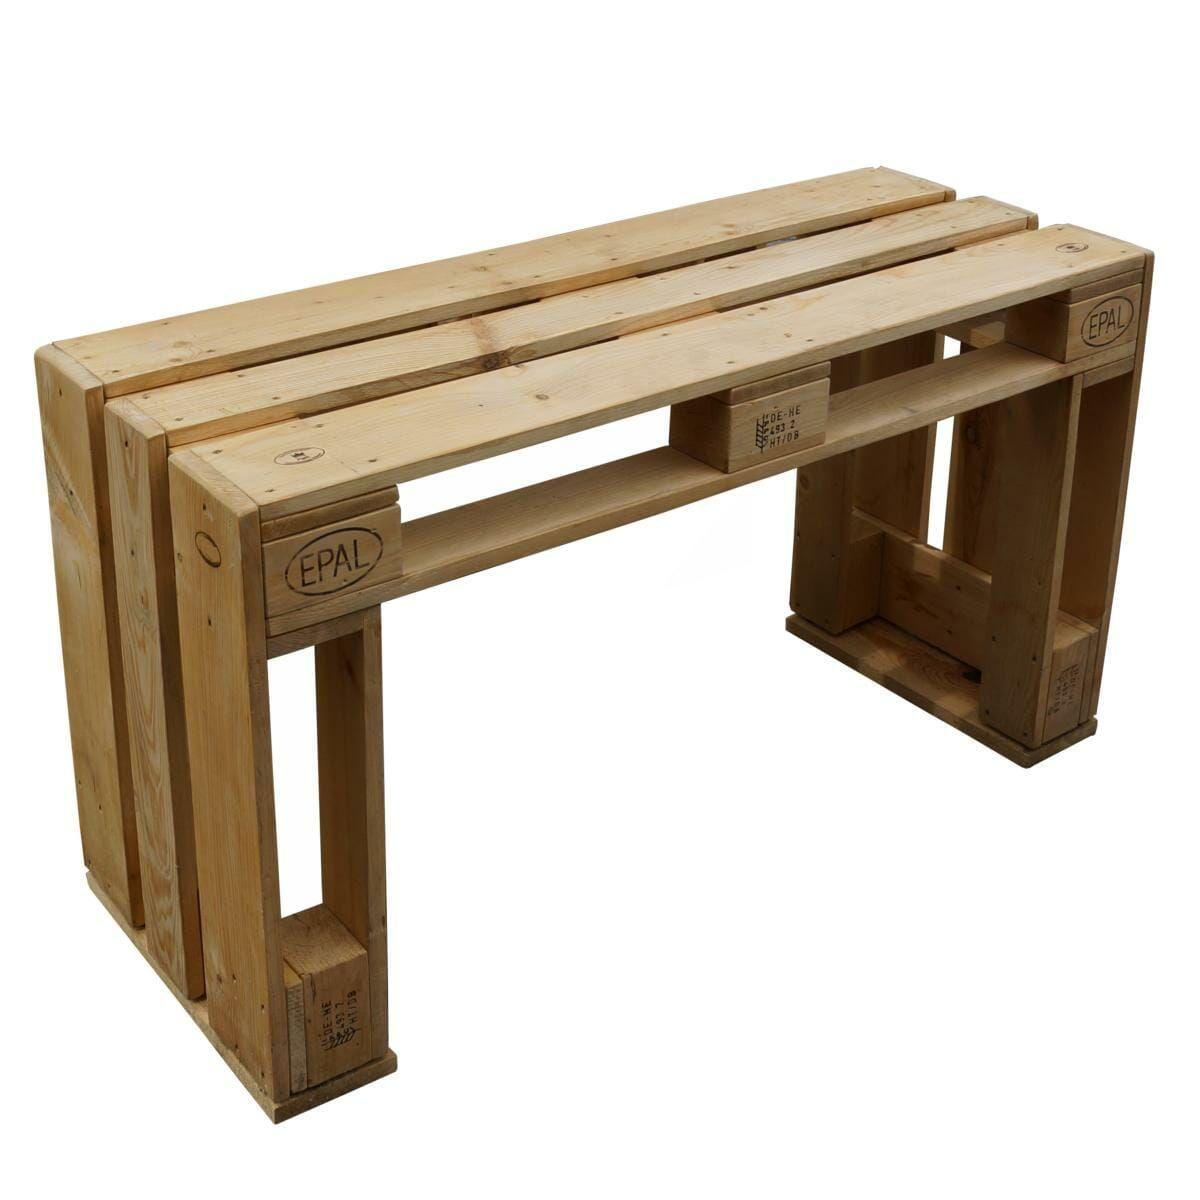 Gartenmbel Aus Paletten In 2020 Diy Pallet Furniture Pallet Furniture Diy Furniture Plans